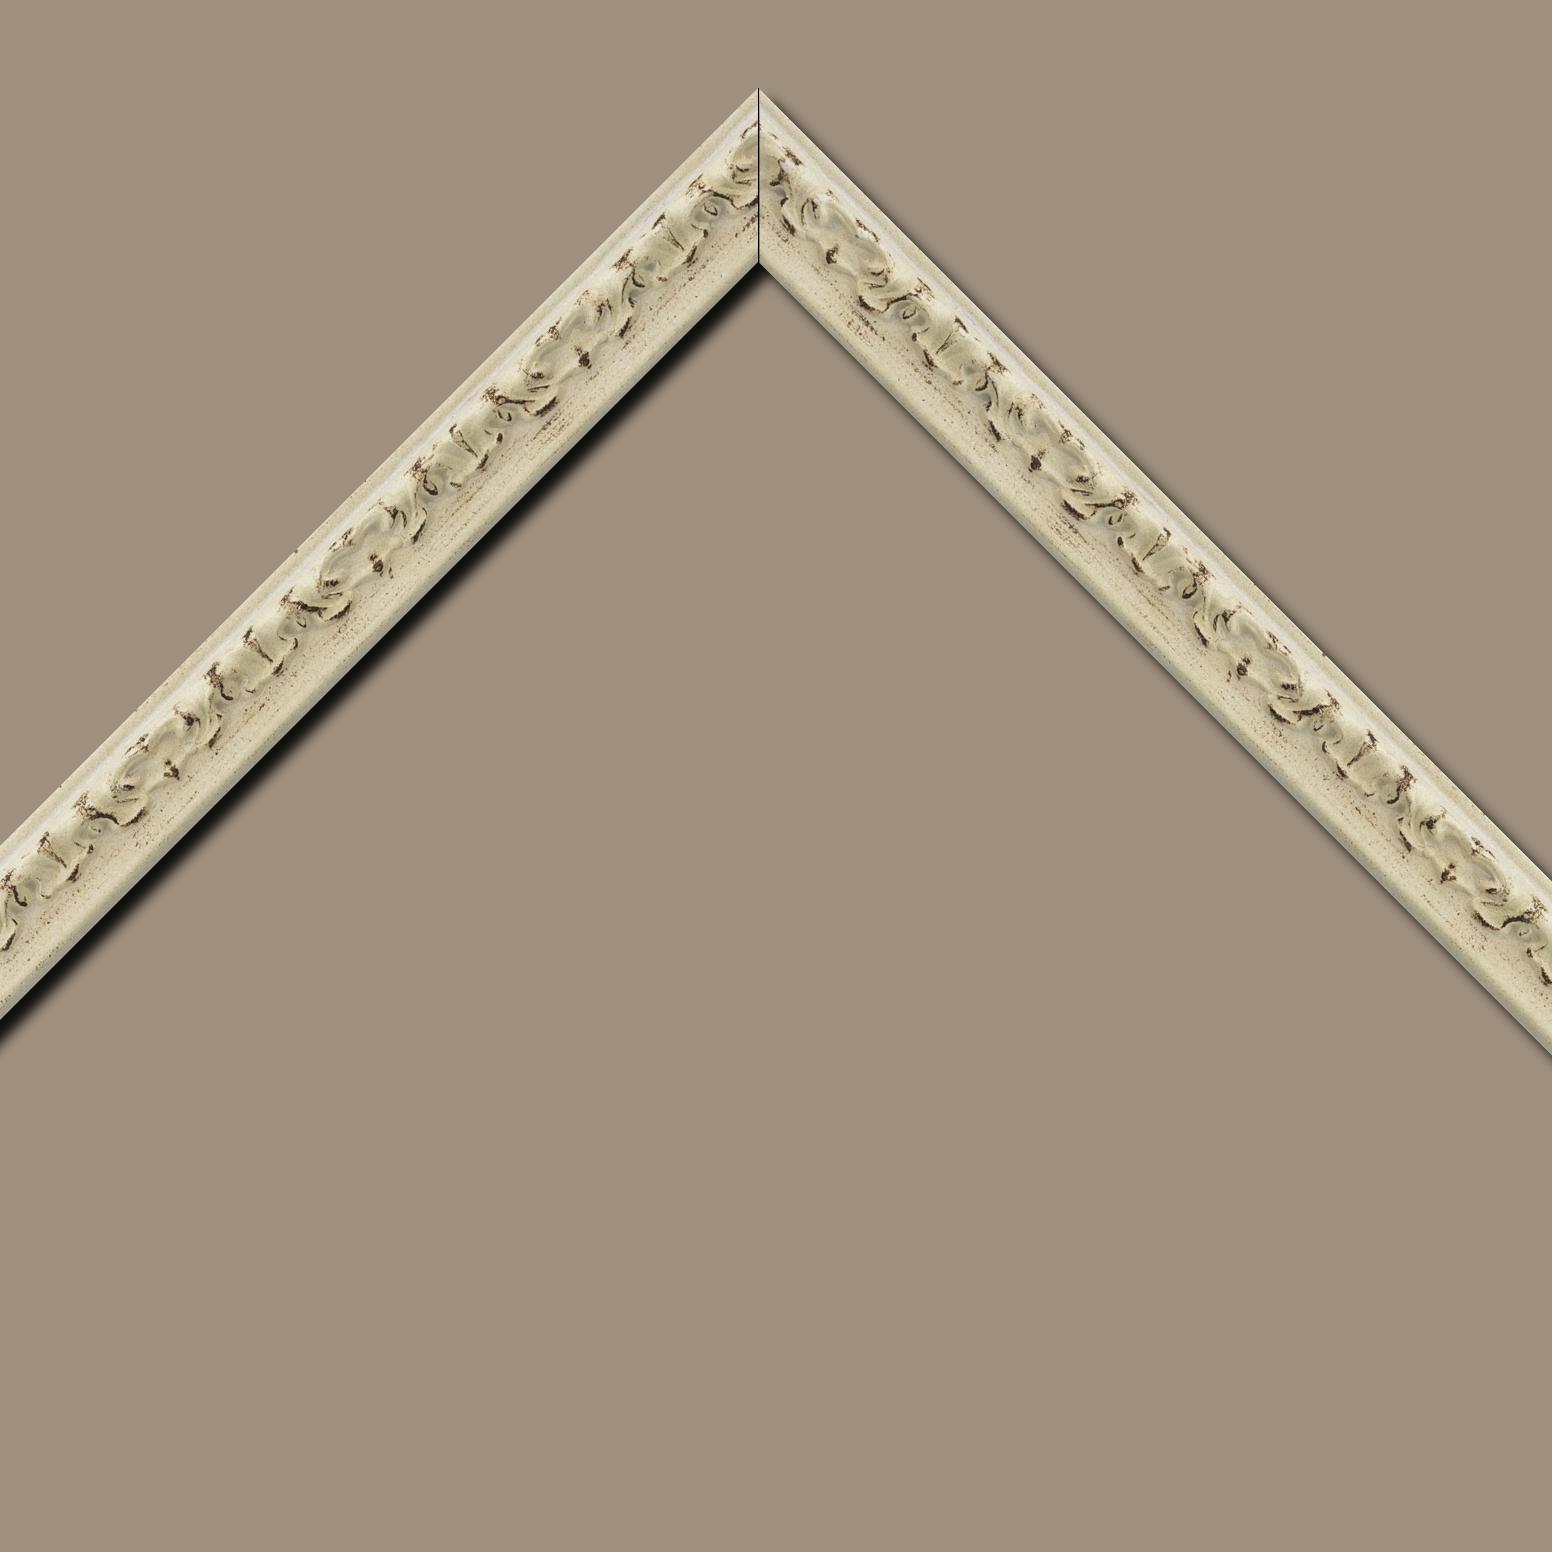 Baguette bois profil incurvé largeur 3cm blanchie finition antiquaire